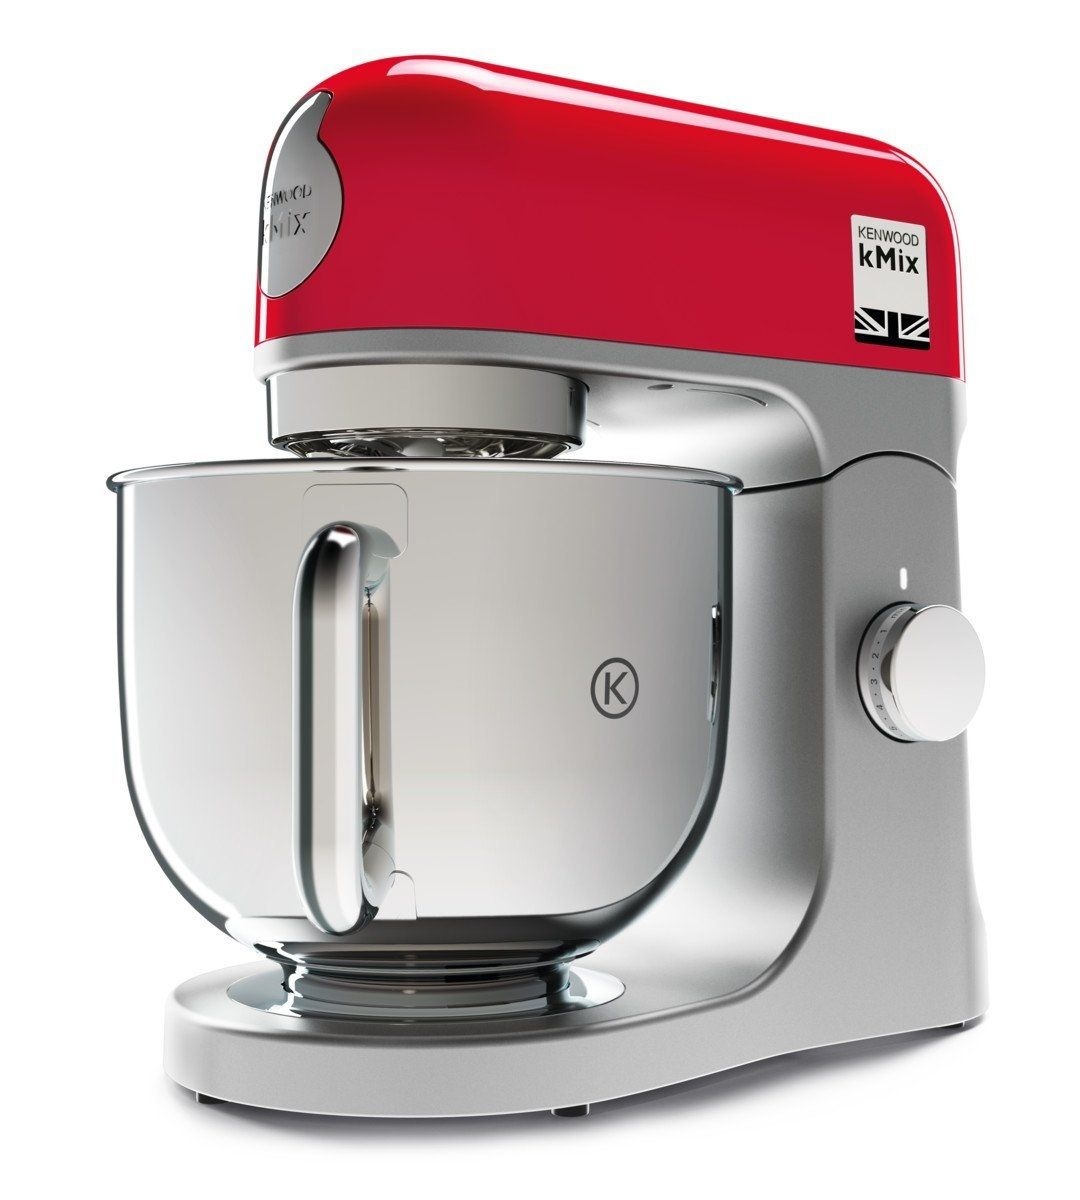 42 Frisch Bosch Kuchenmaschine Optimum Kitchen Mixers Stand